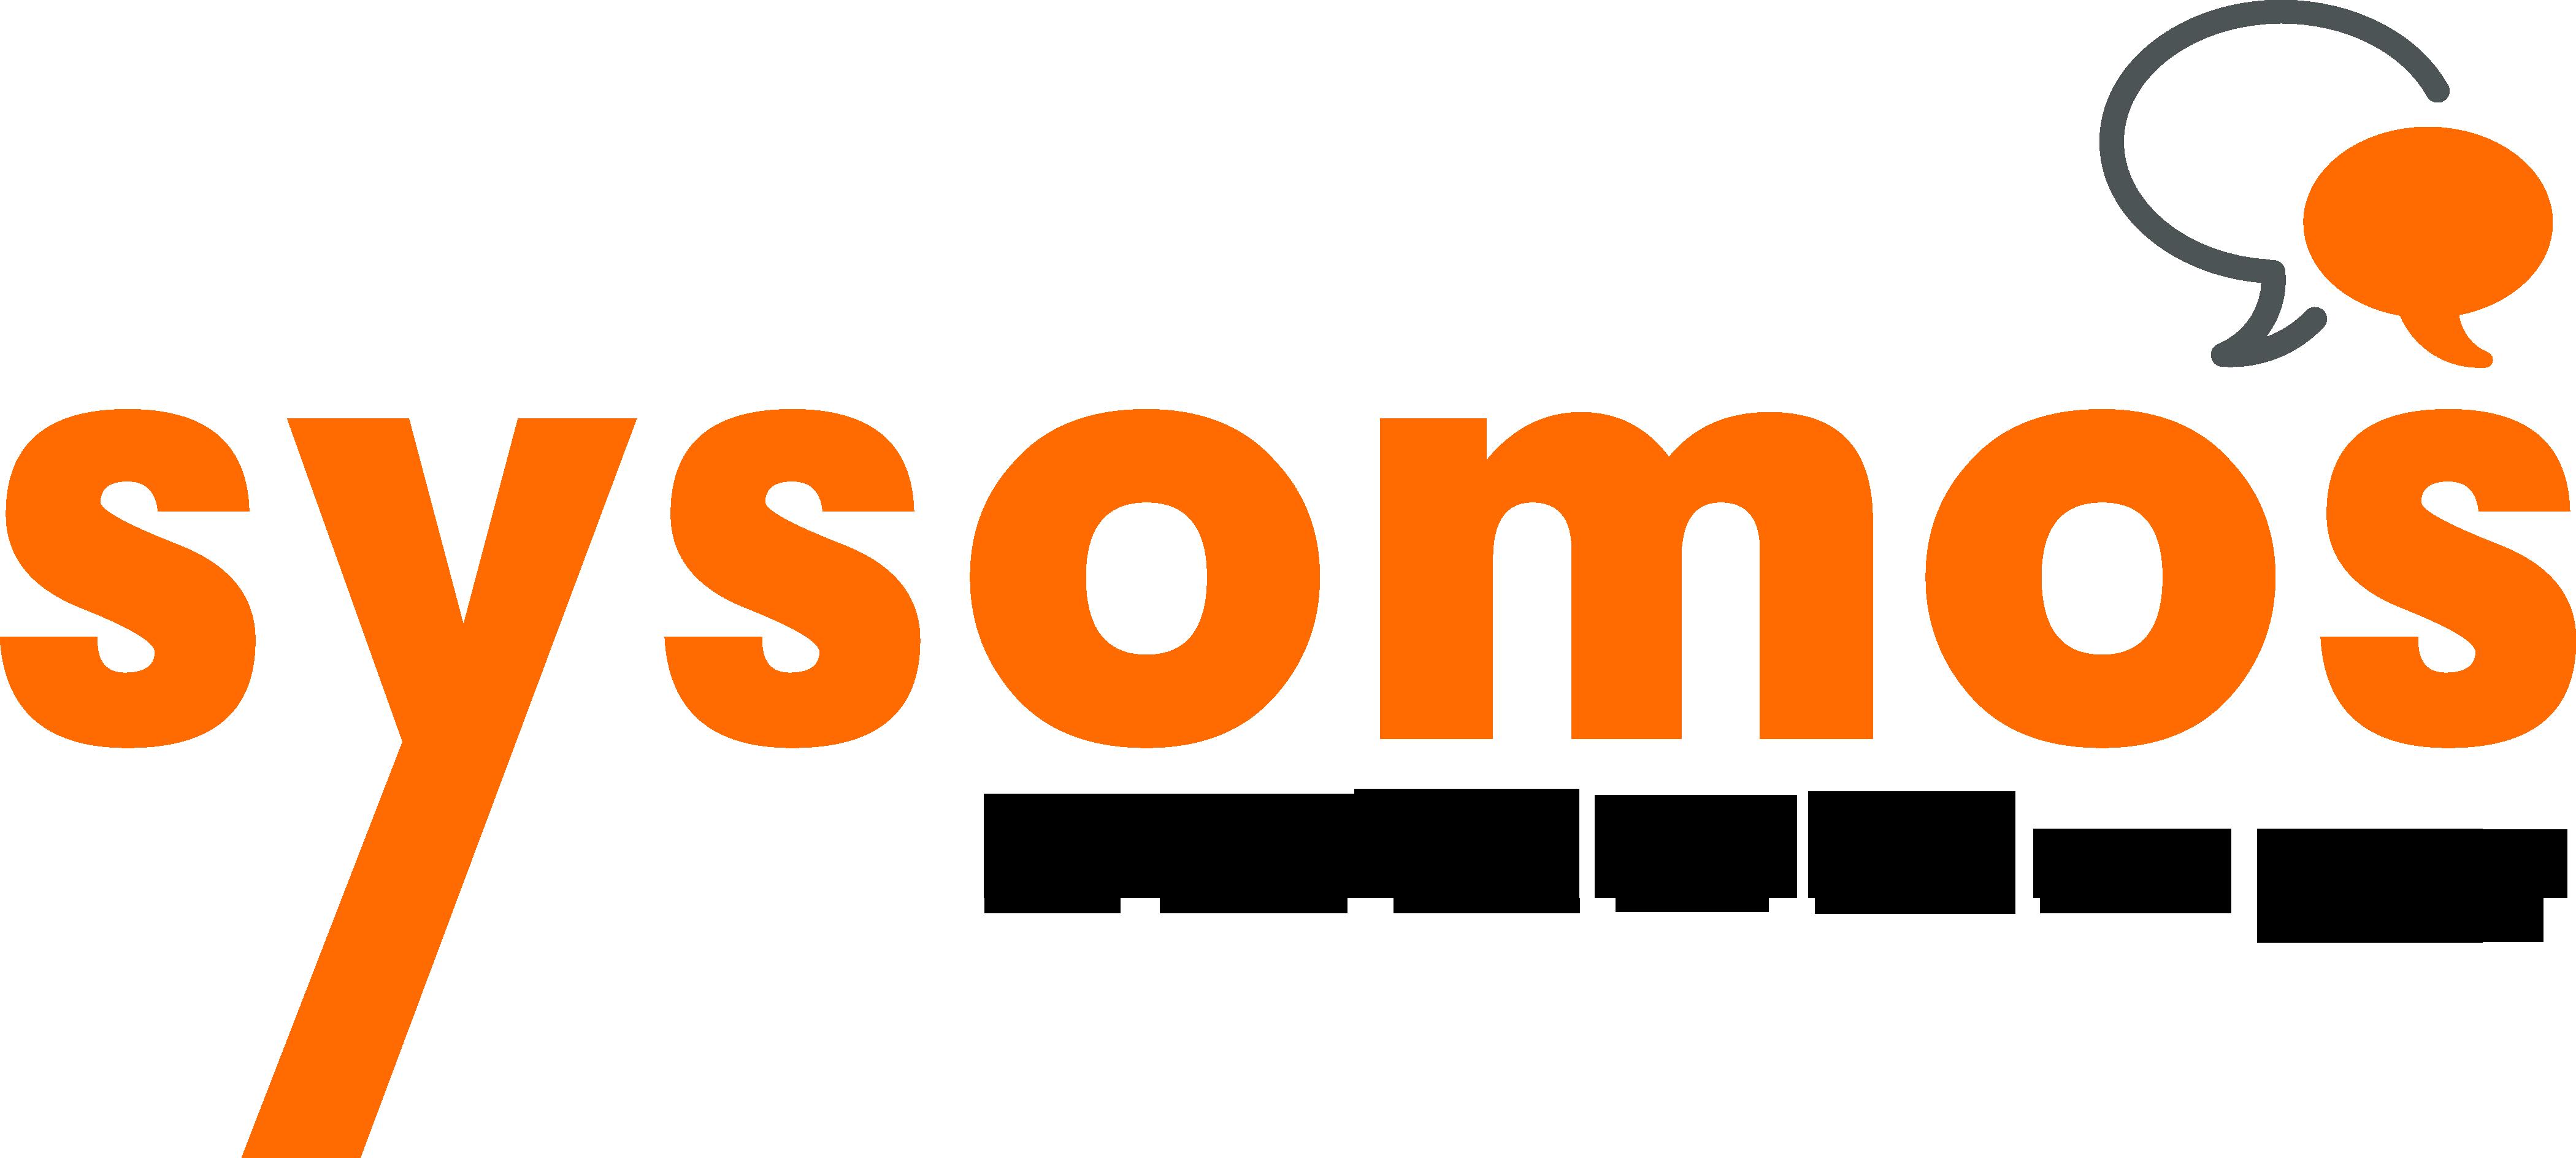 eewee-saas-sysomos-logo